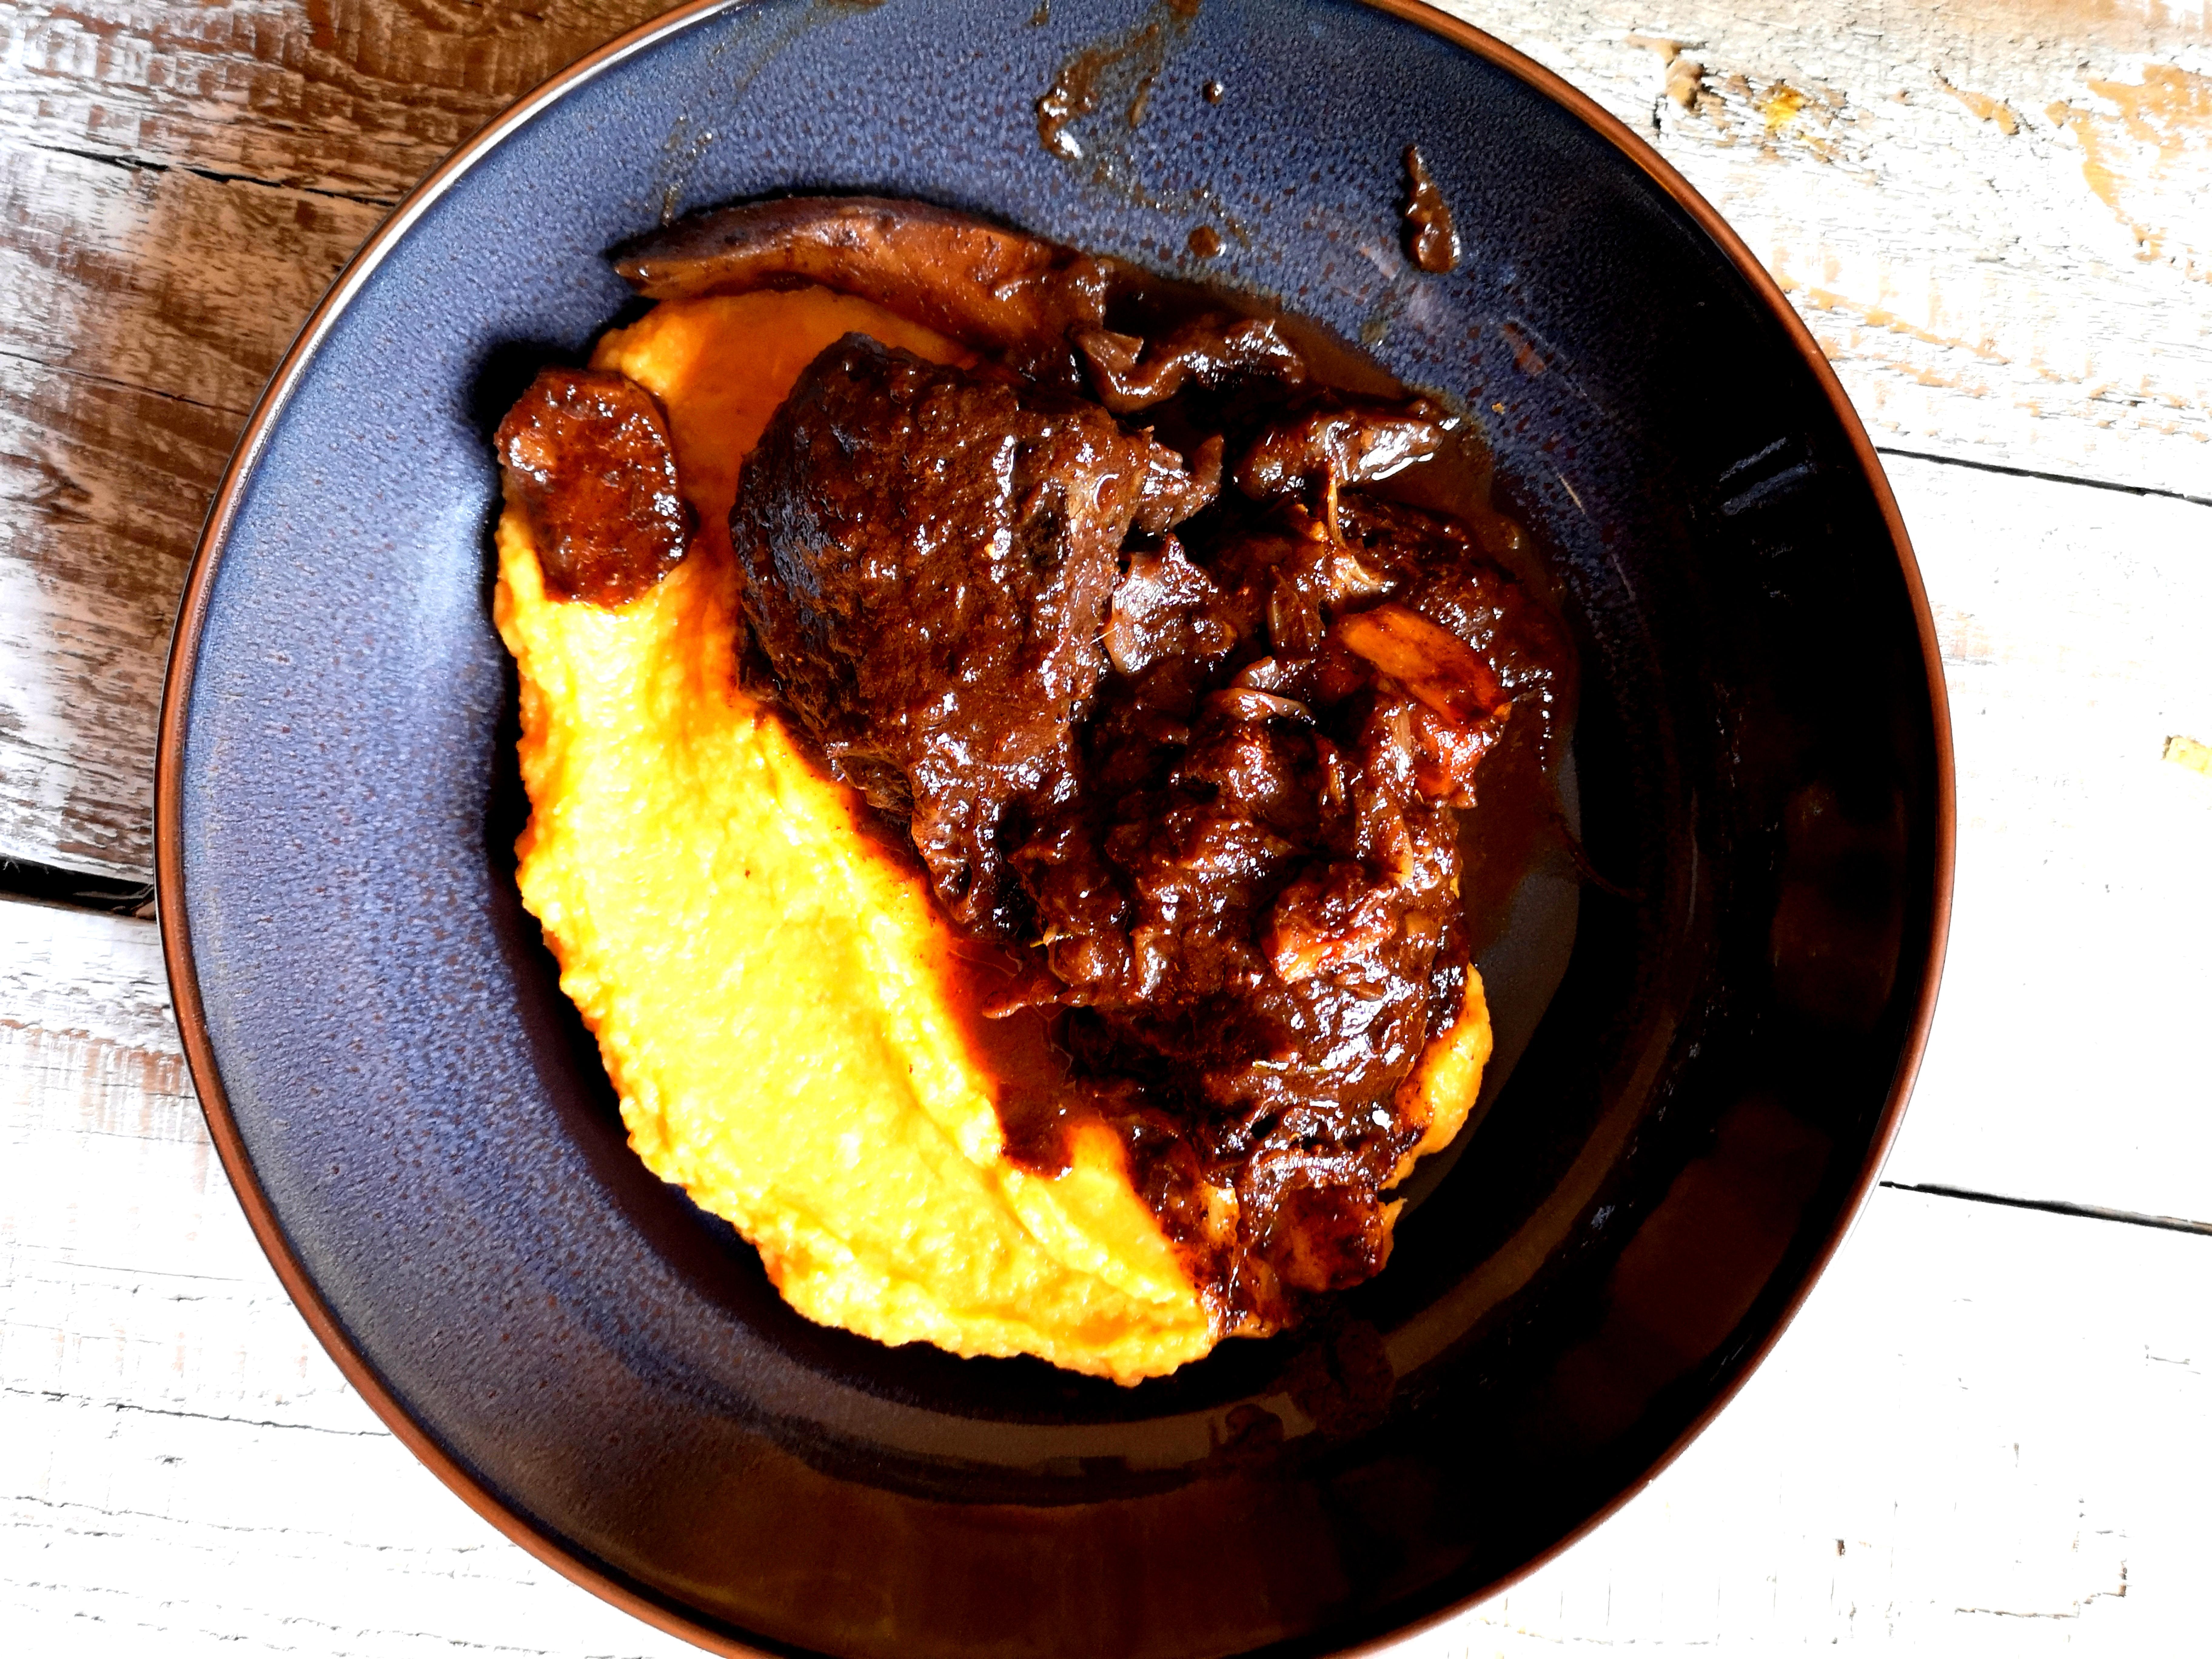 Butterzarte irische Ochsenbäckchen in Portweinsauce mit Pastinaken-Süßkartoffel-Rauchpüree